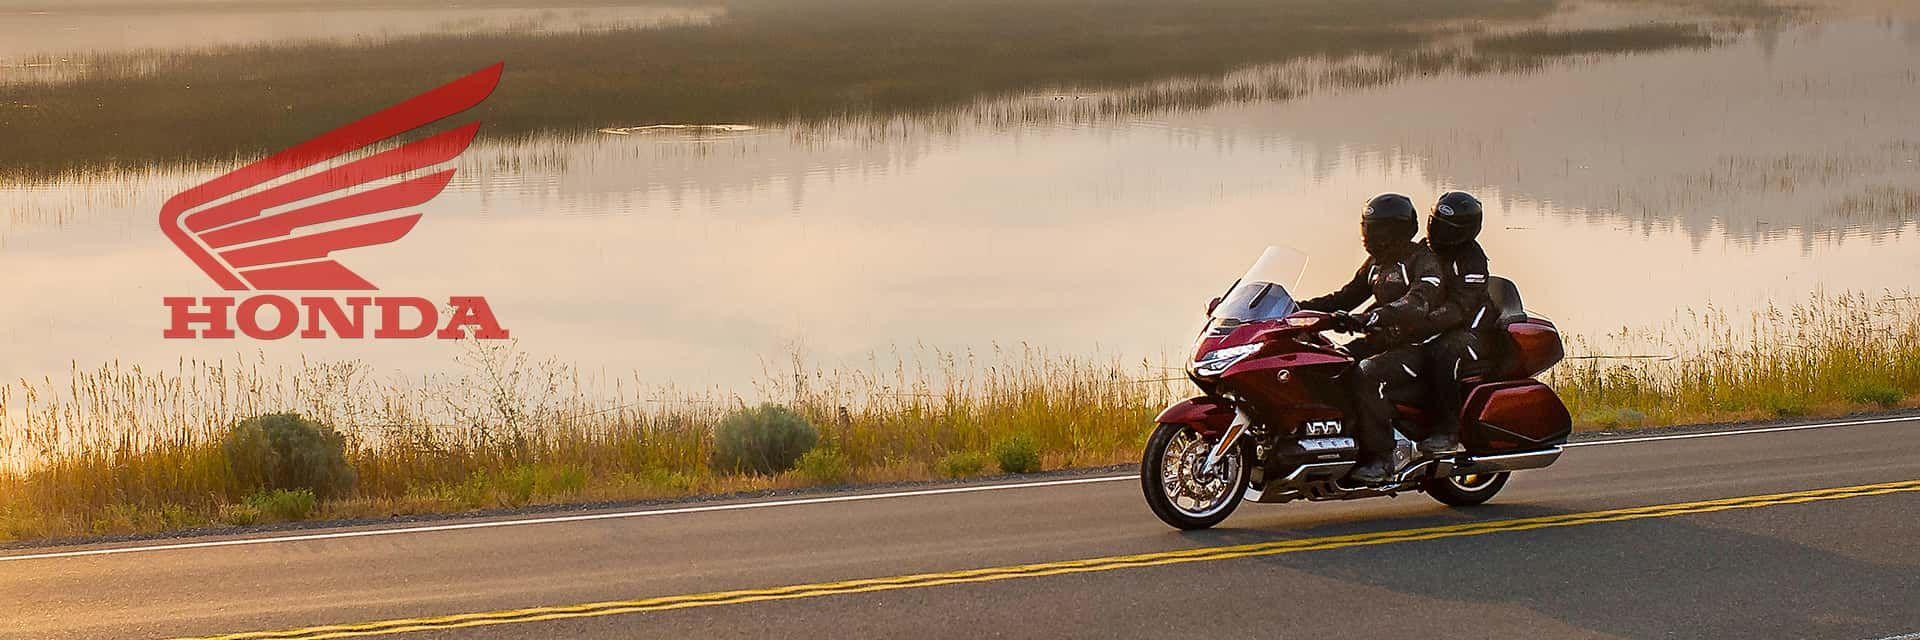 Honda is available at Sharp's Motorsports | Amarillo, TX